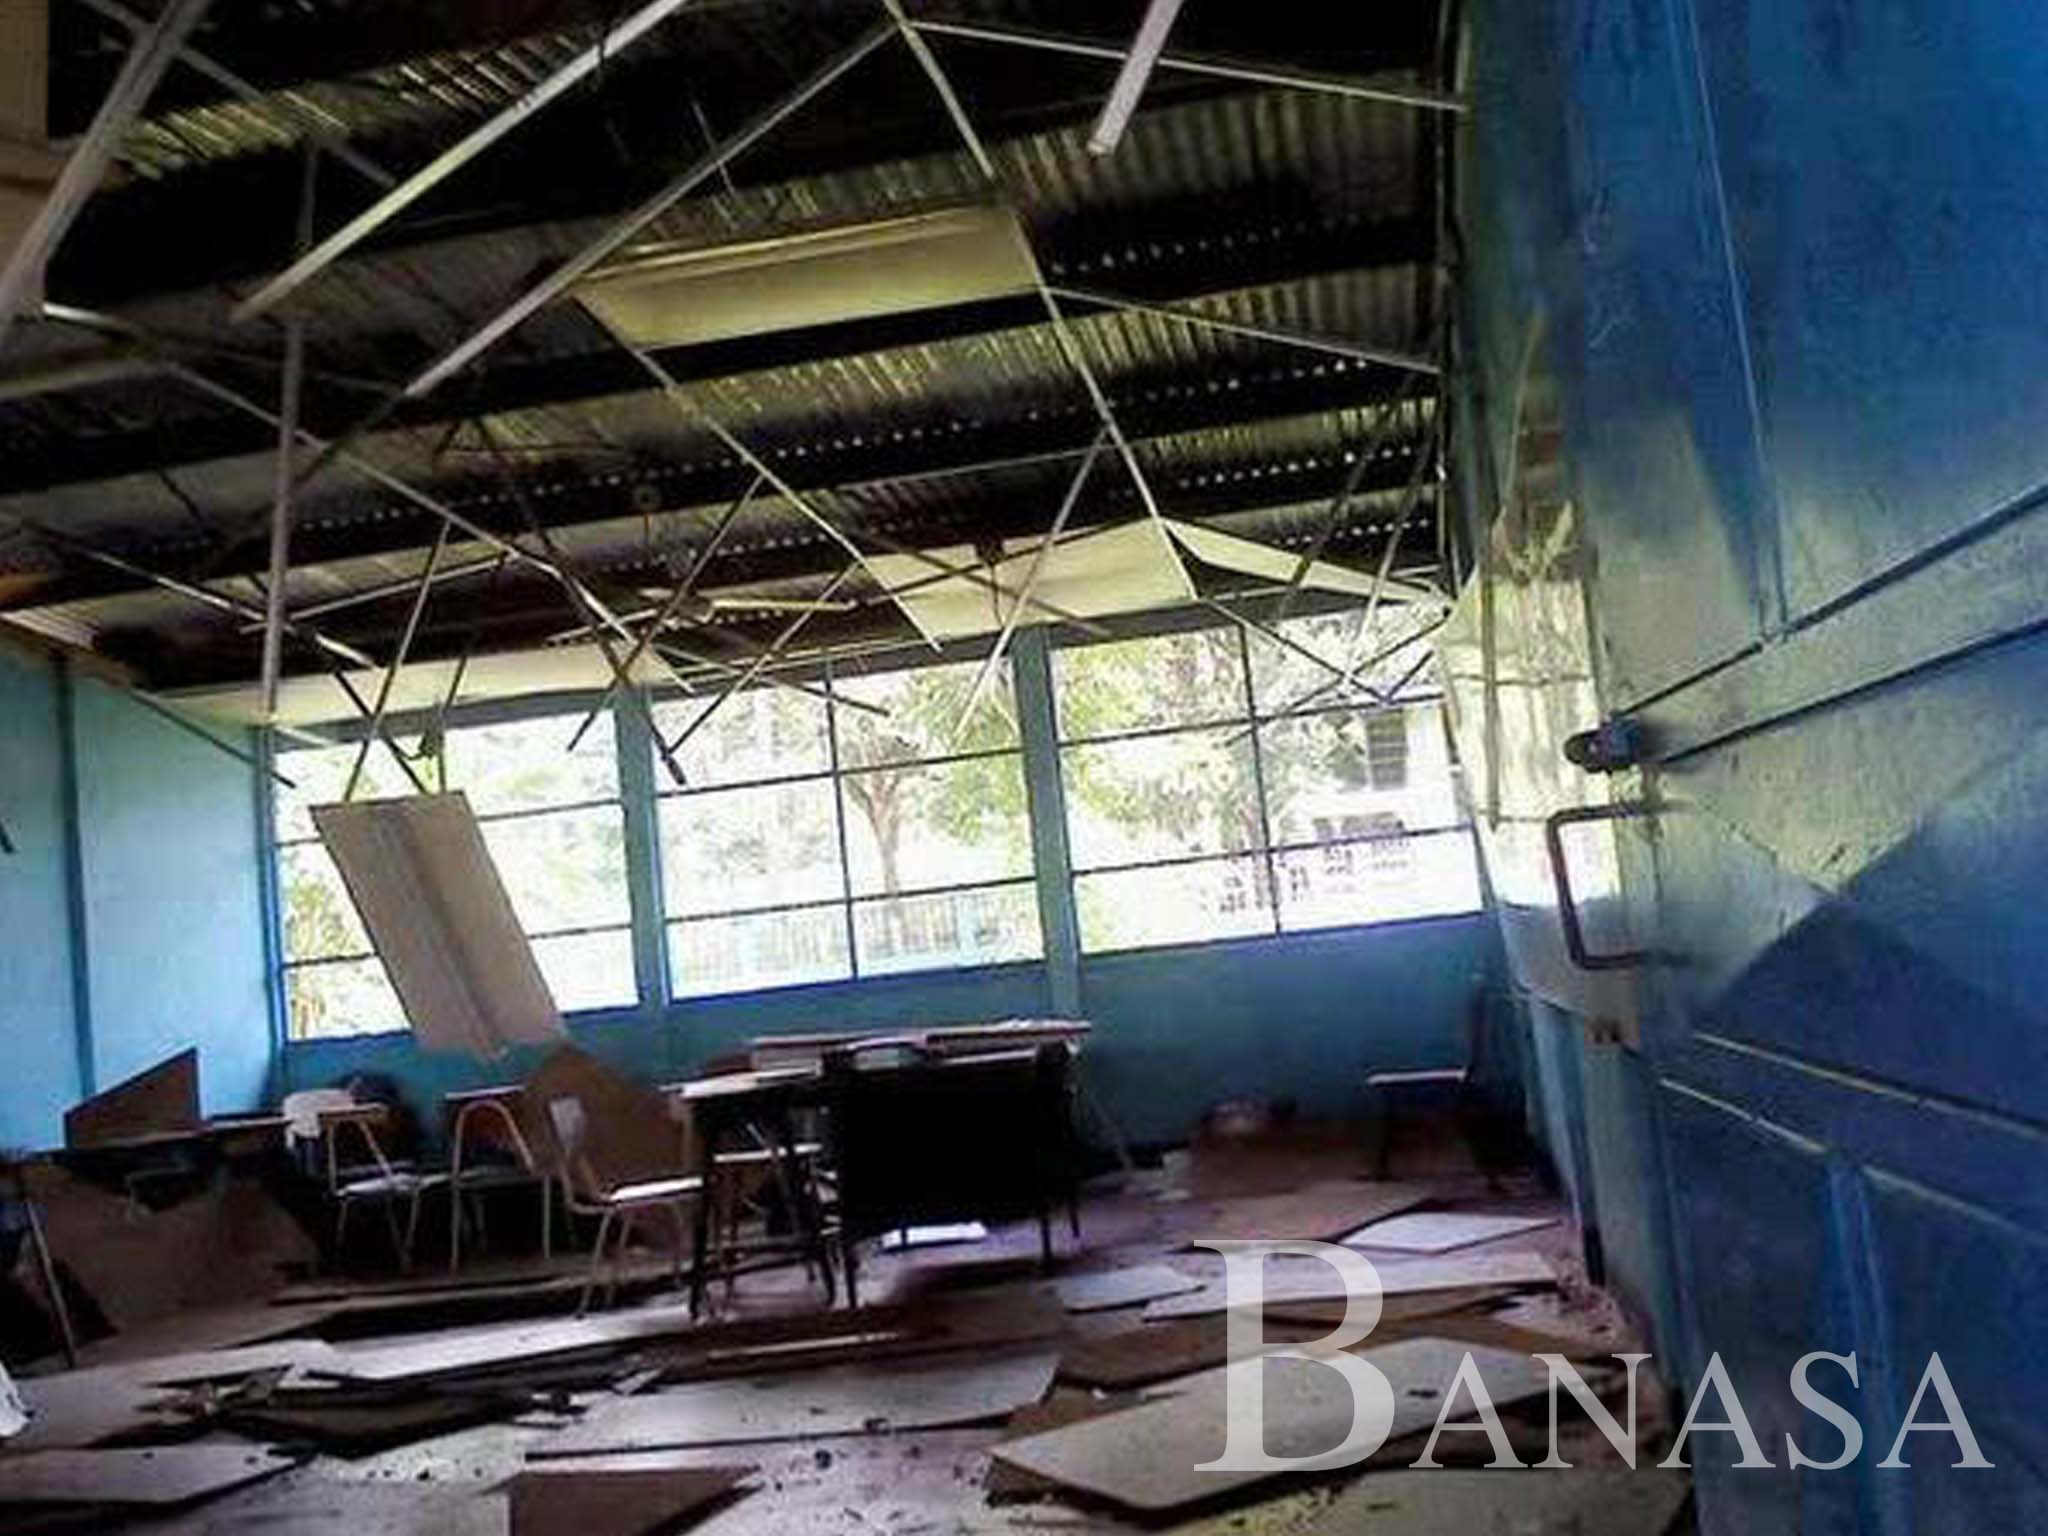 BANASA CONTRIBUYE CON LA RECONSTRUCCIÓN DE DOS ESCUELAS EN SAN MARCOS, TRAS EL TERREMOTO DE LA SEMANA PASADA